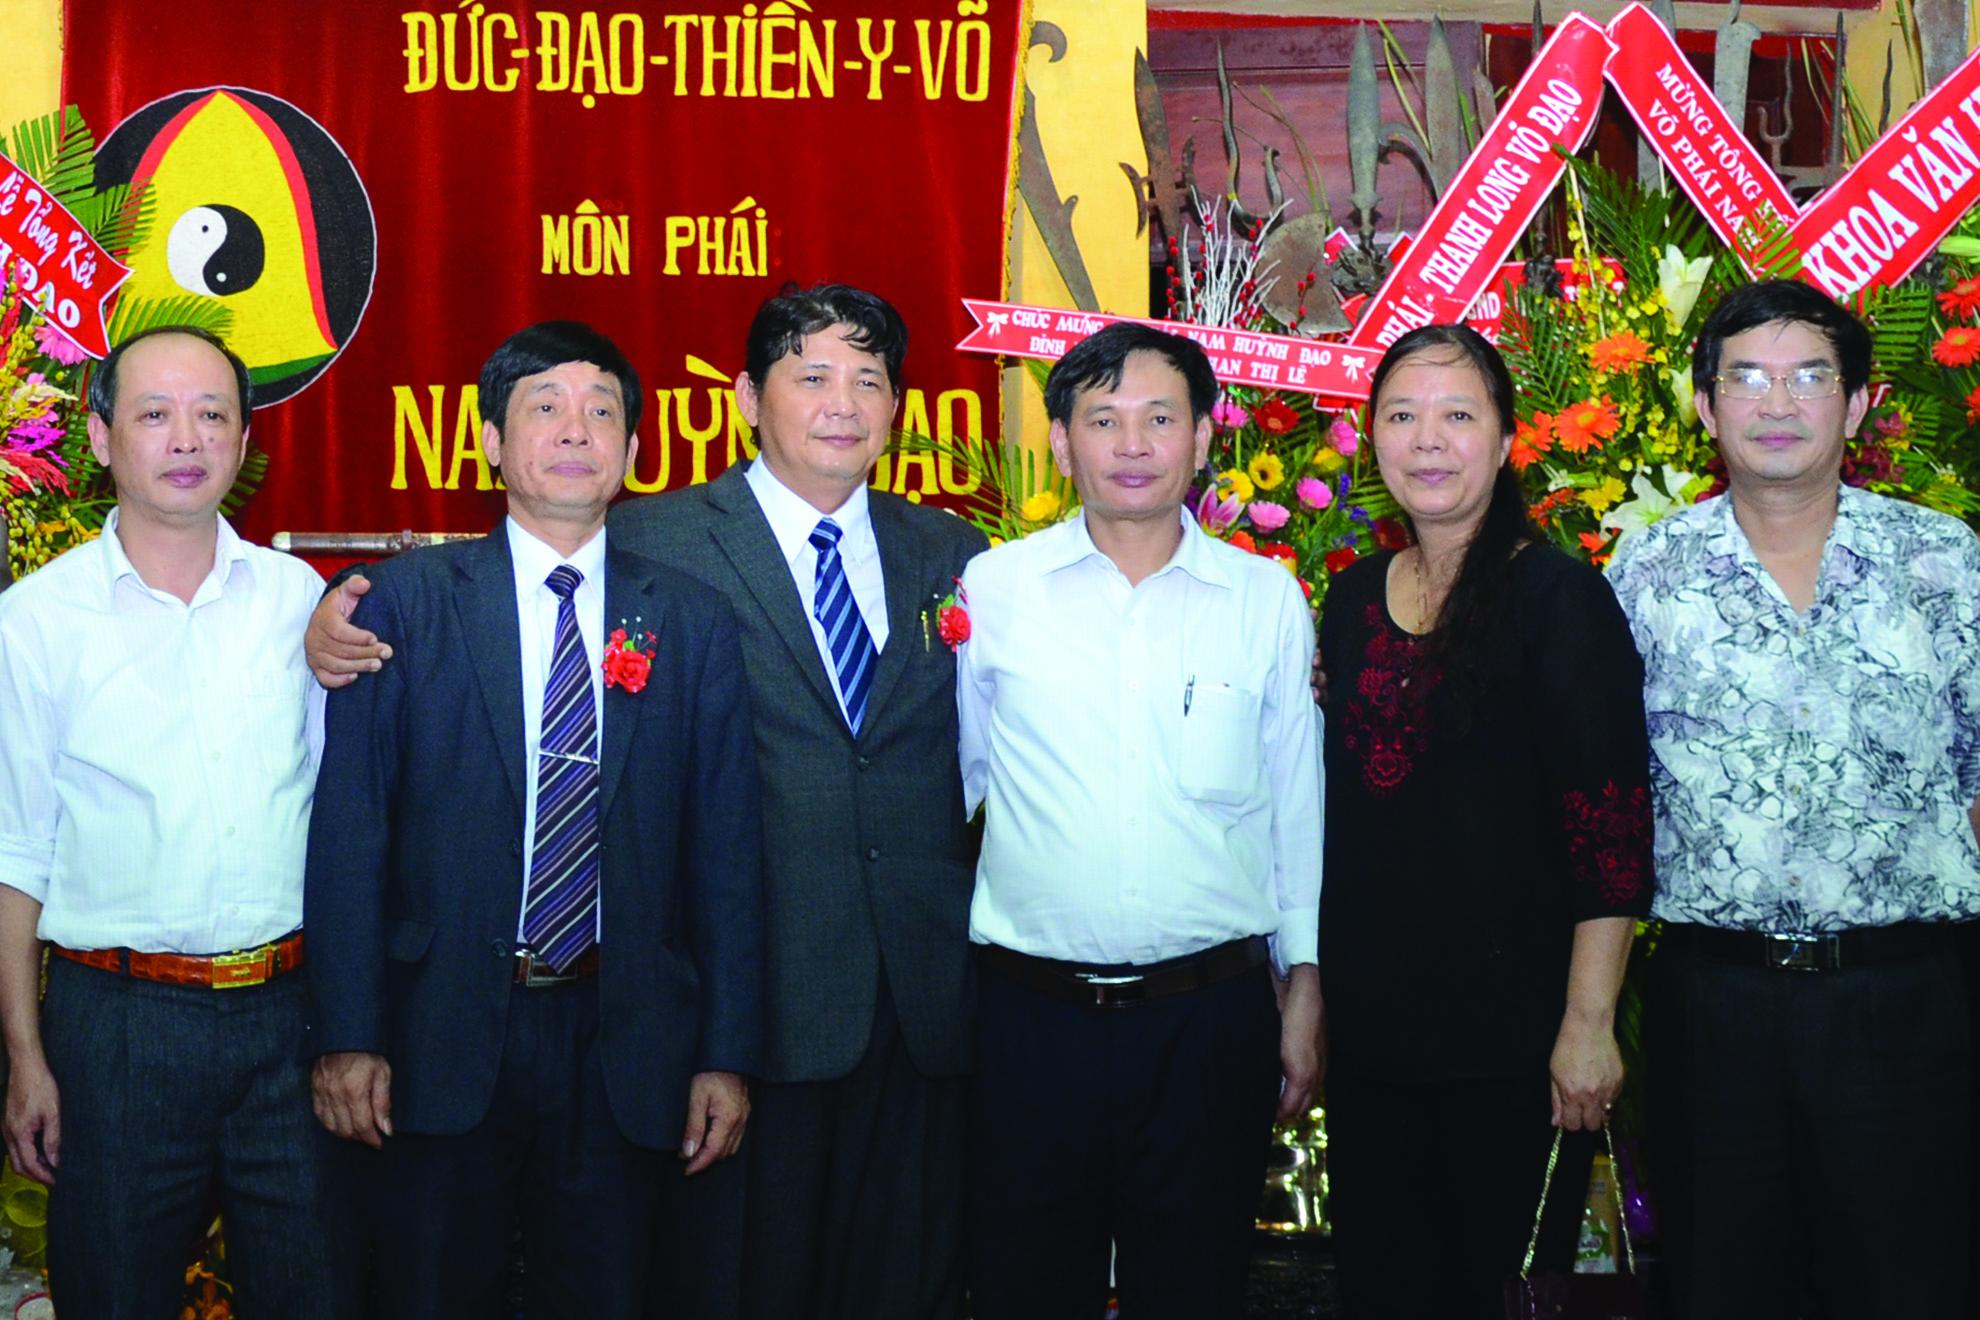 Đoàn Giáo dục tỉnh Vĩnh Phúc đến tham dự Lễ bế Môn